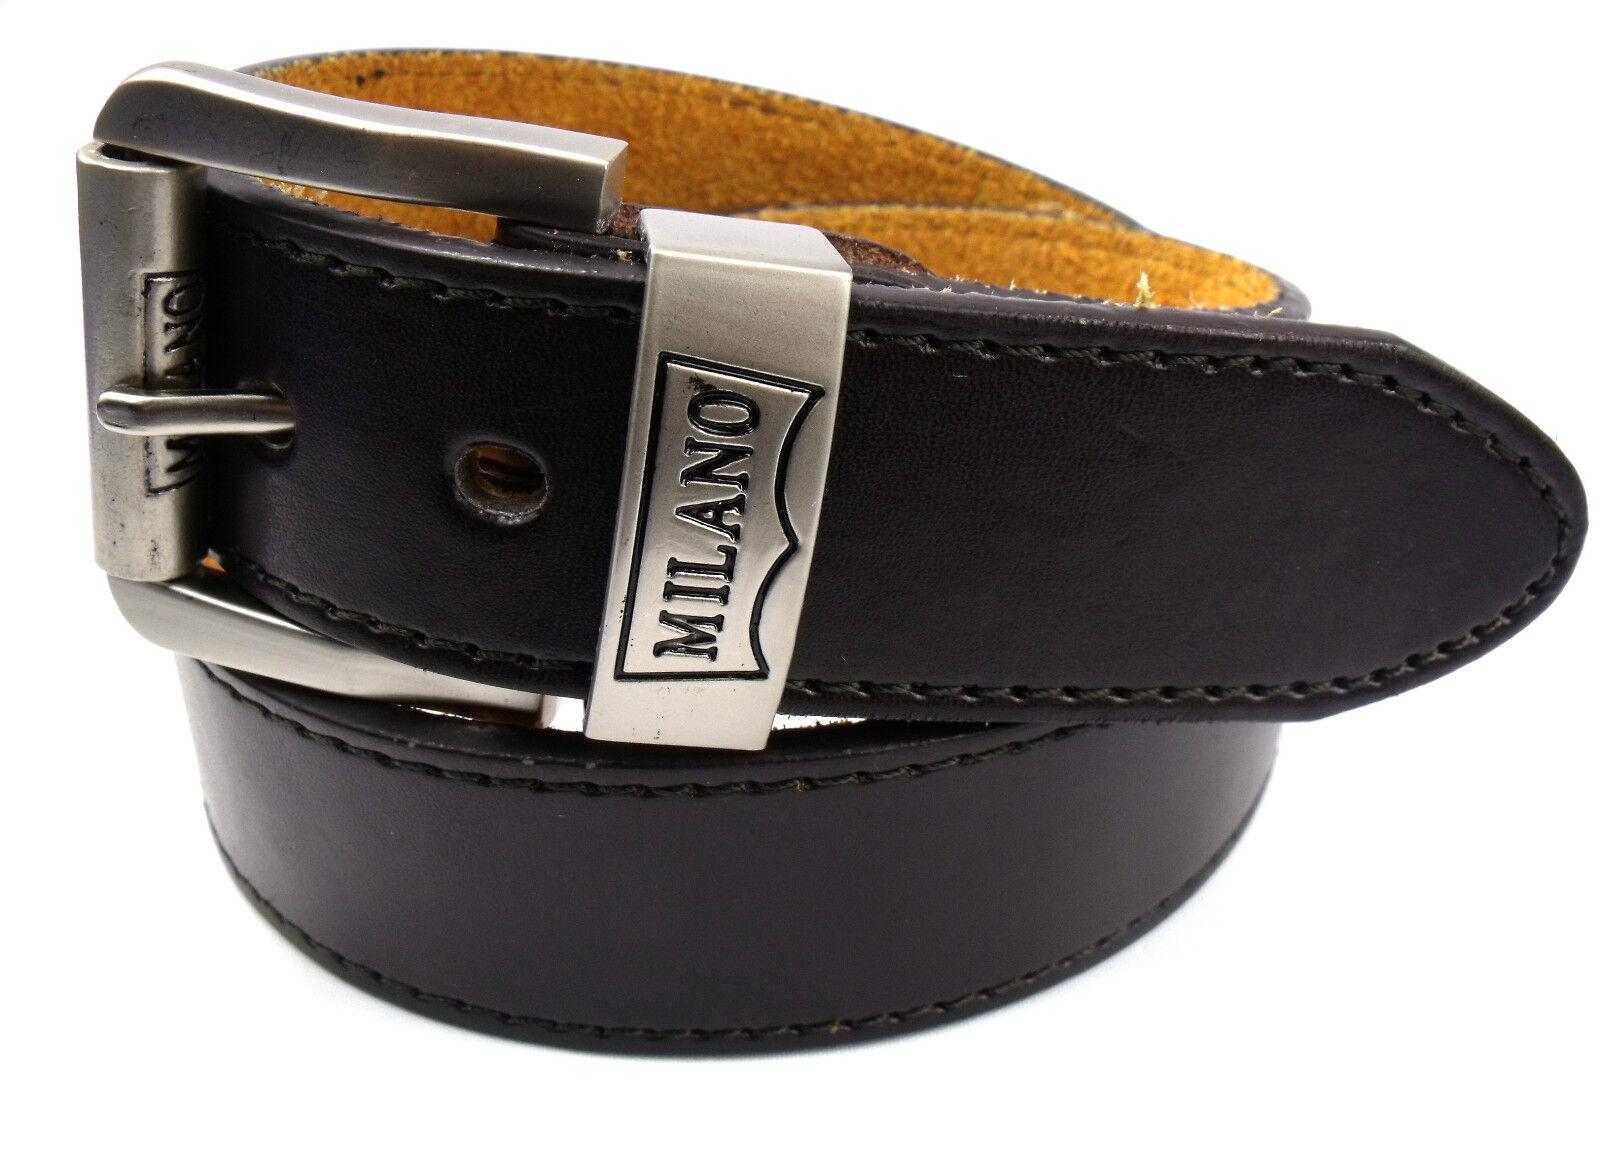 Herren Neue Braune 1.5'' Ledergürtel mit Silber Schnalle Milano Stark Smart